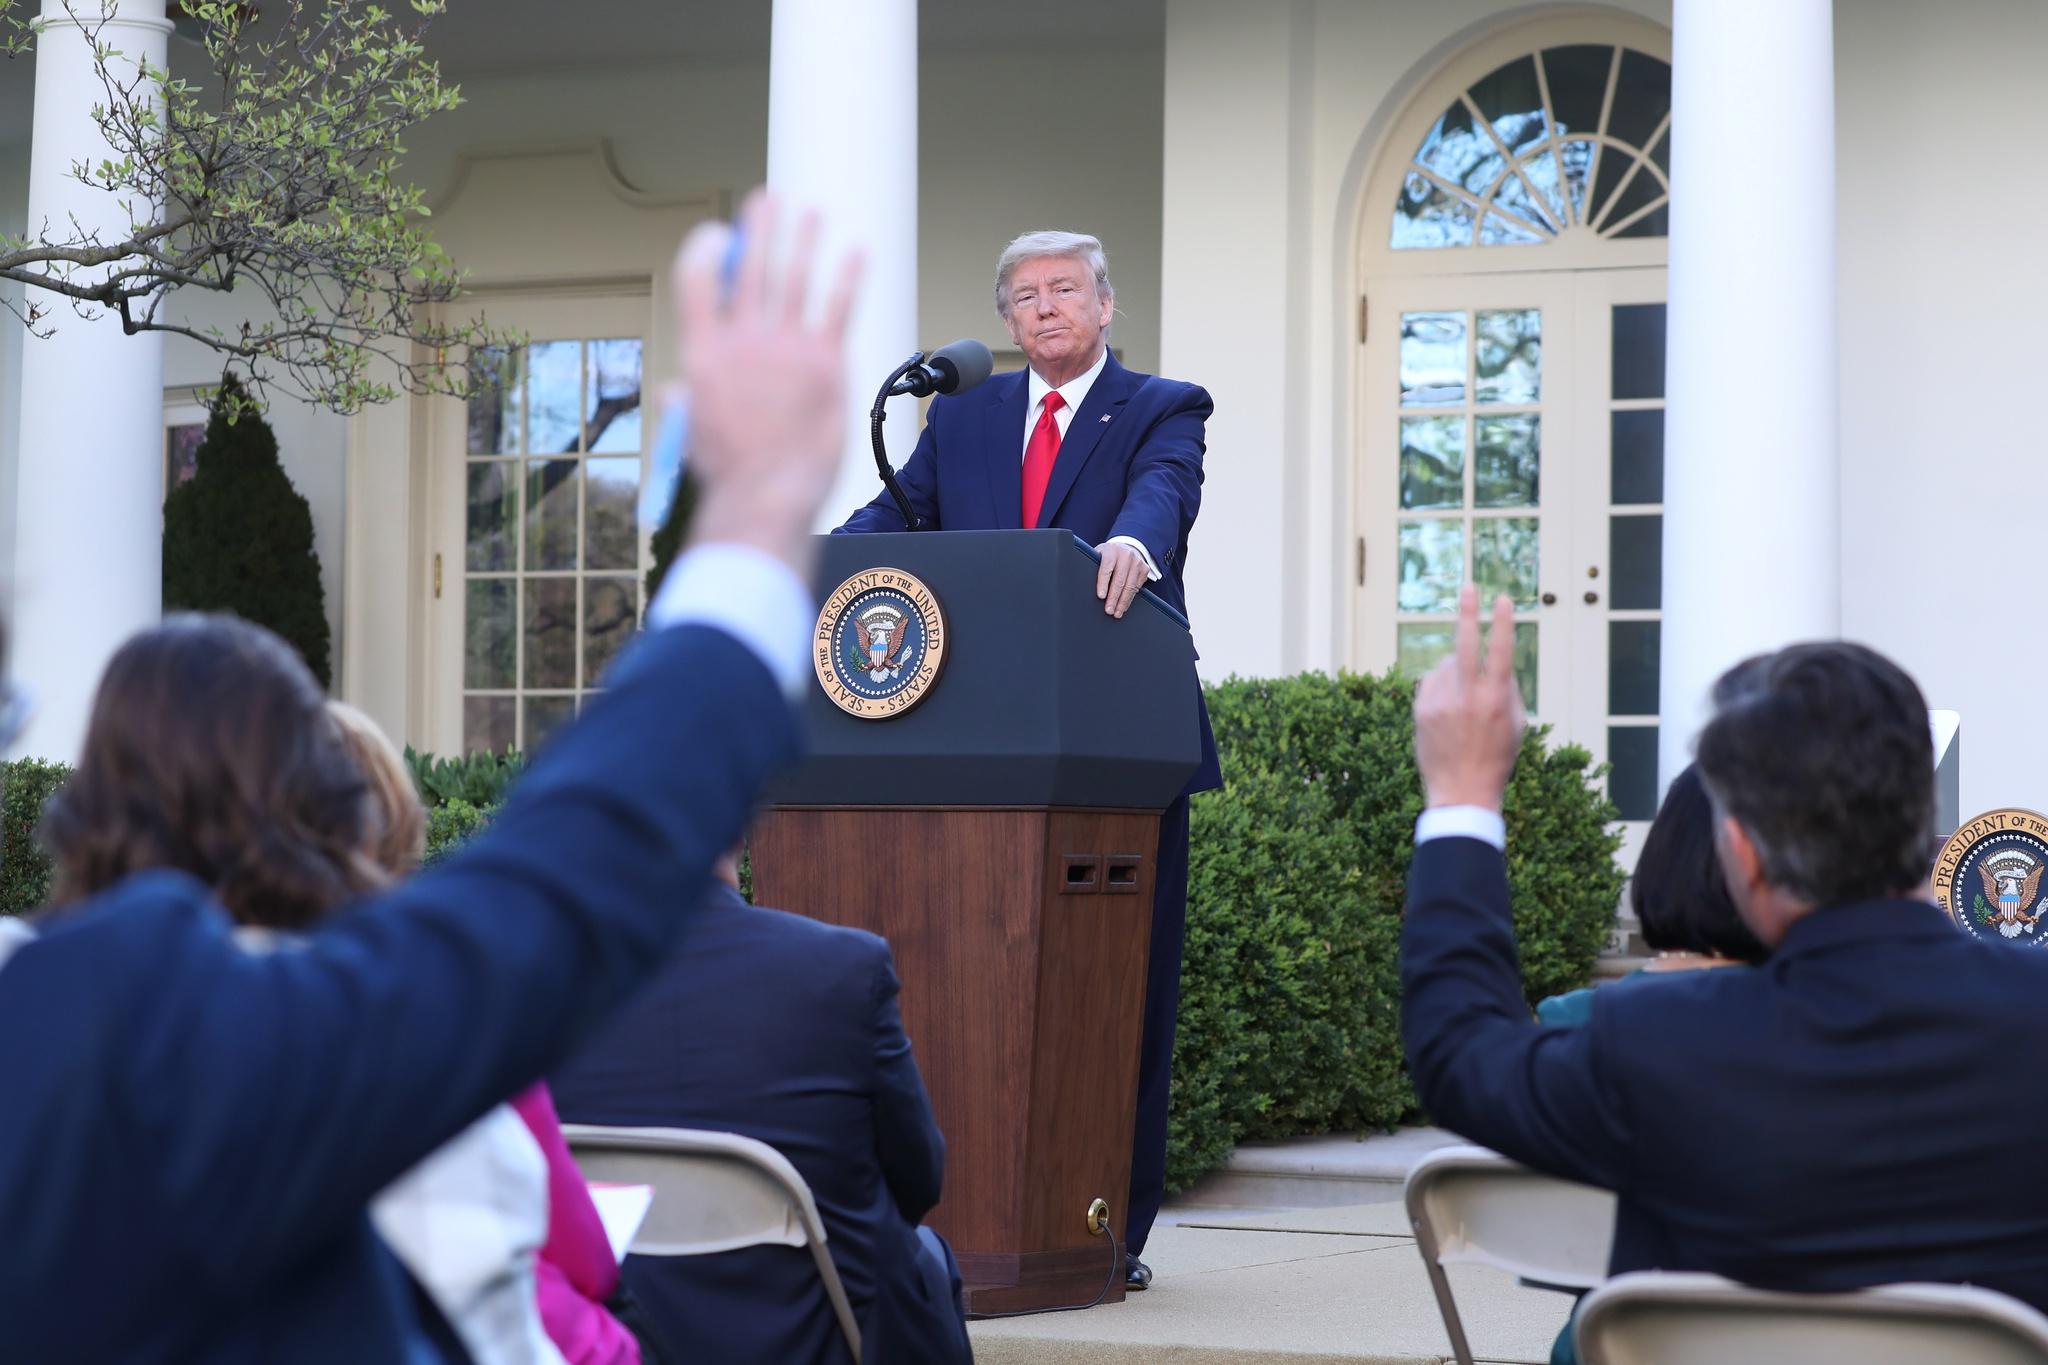 Donald Trump a lidar com a crise da covid-19